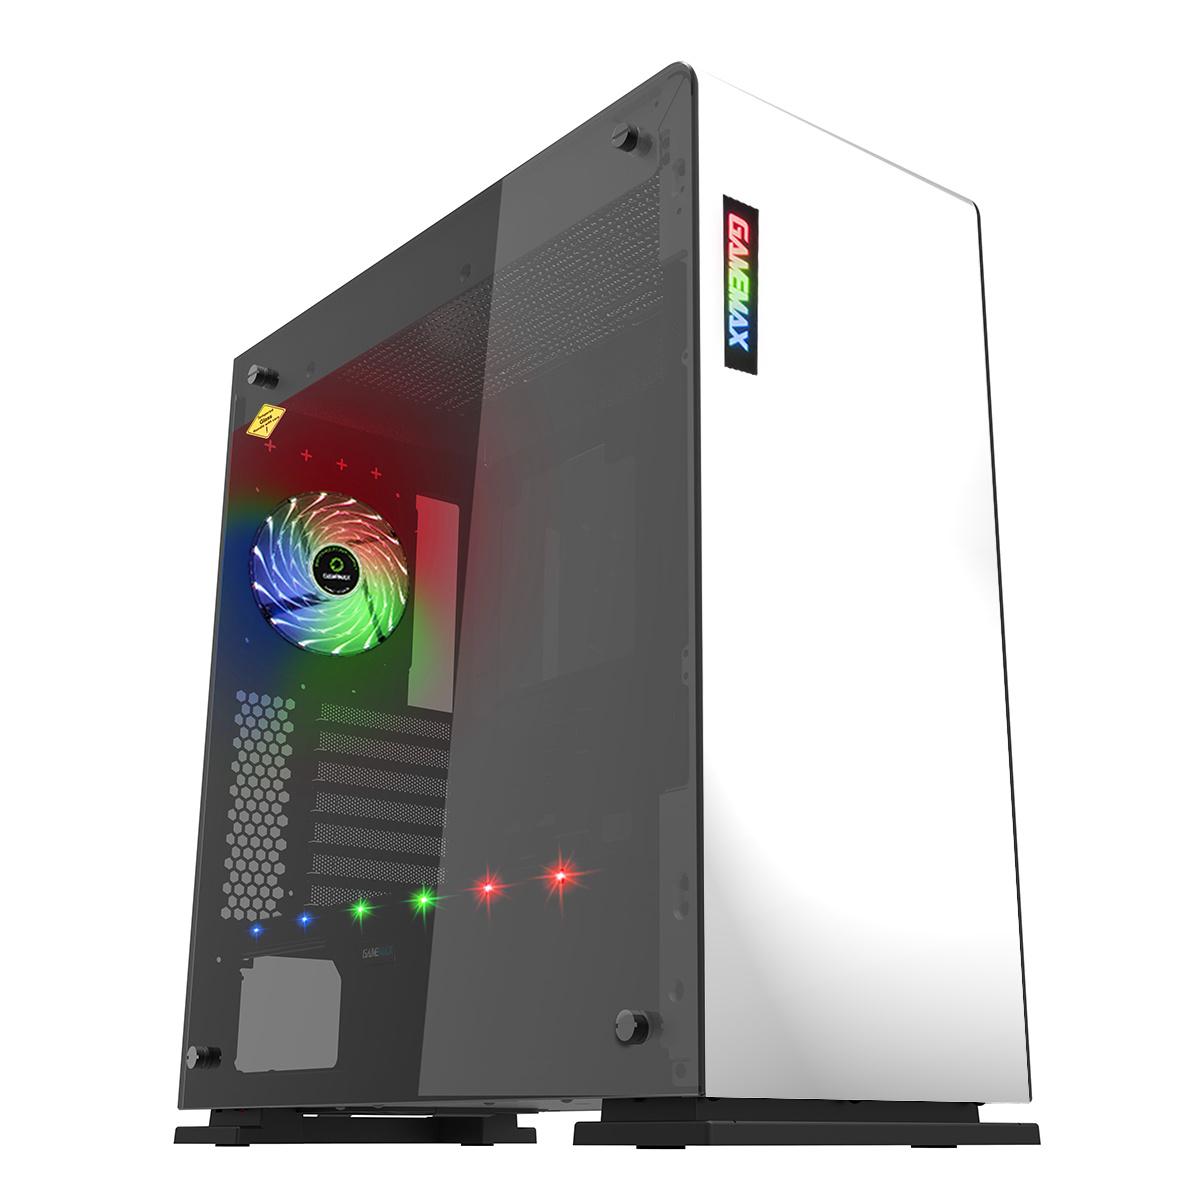 Juegos de la torre Eatx completa, con cristal templado. Junto con la función de luz RGB